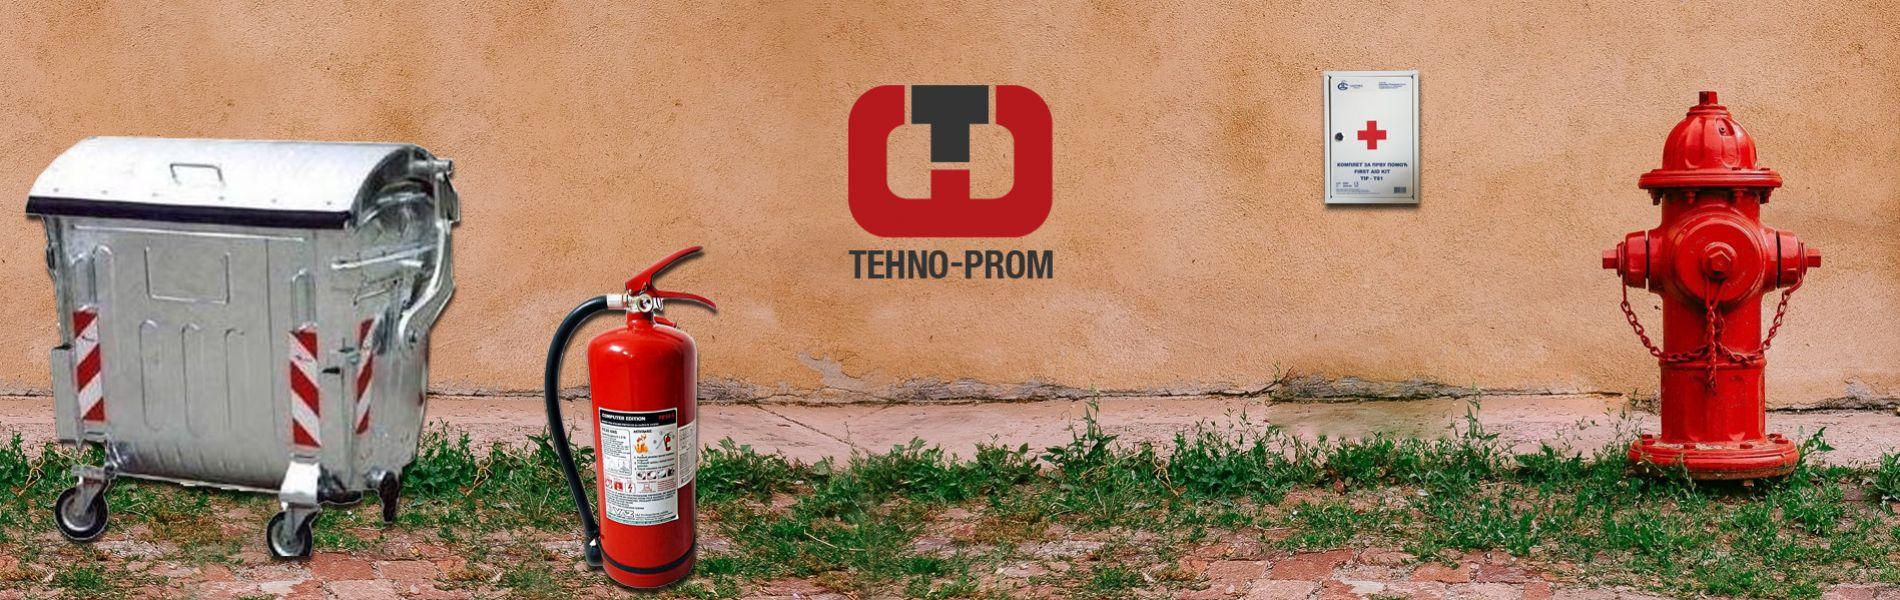 Tehno-prom proizvodnja protivpožarne i zaštitne opreme